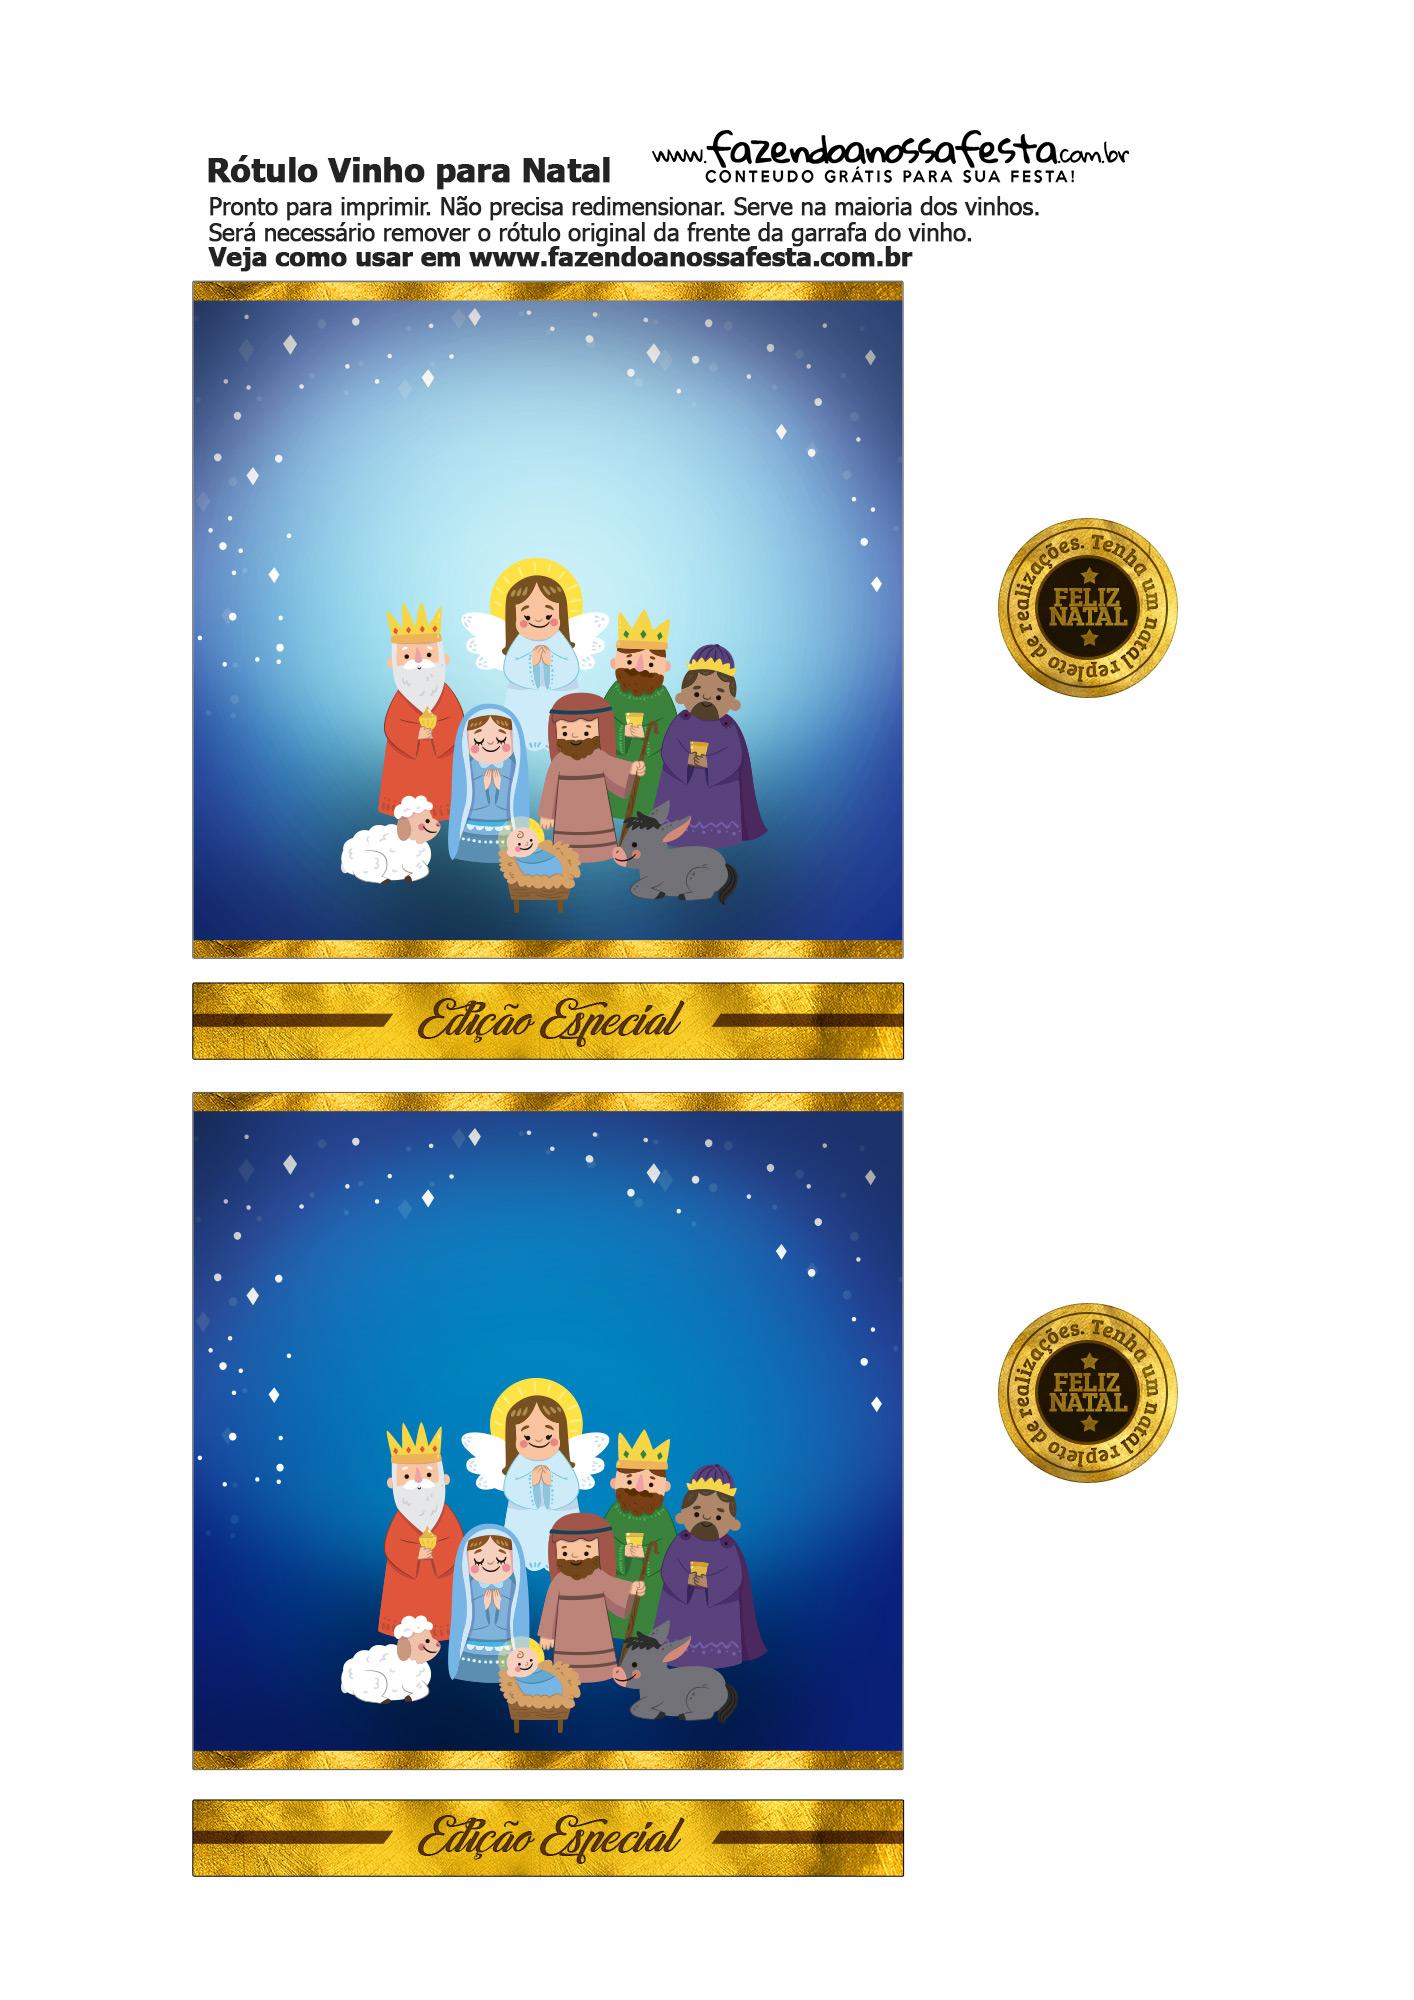 Rótulo de Vinho para o Natal 3